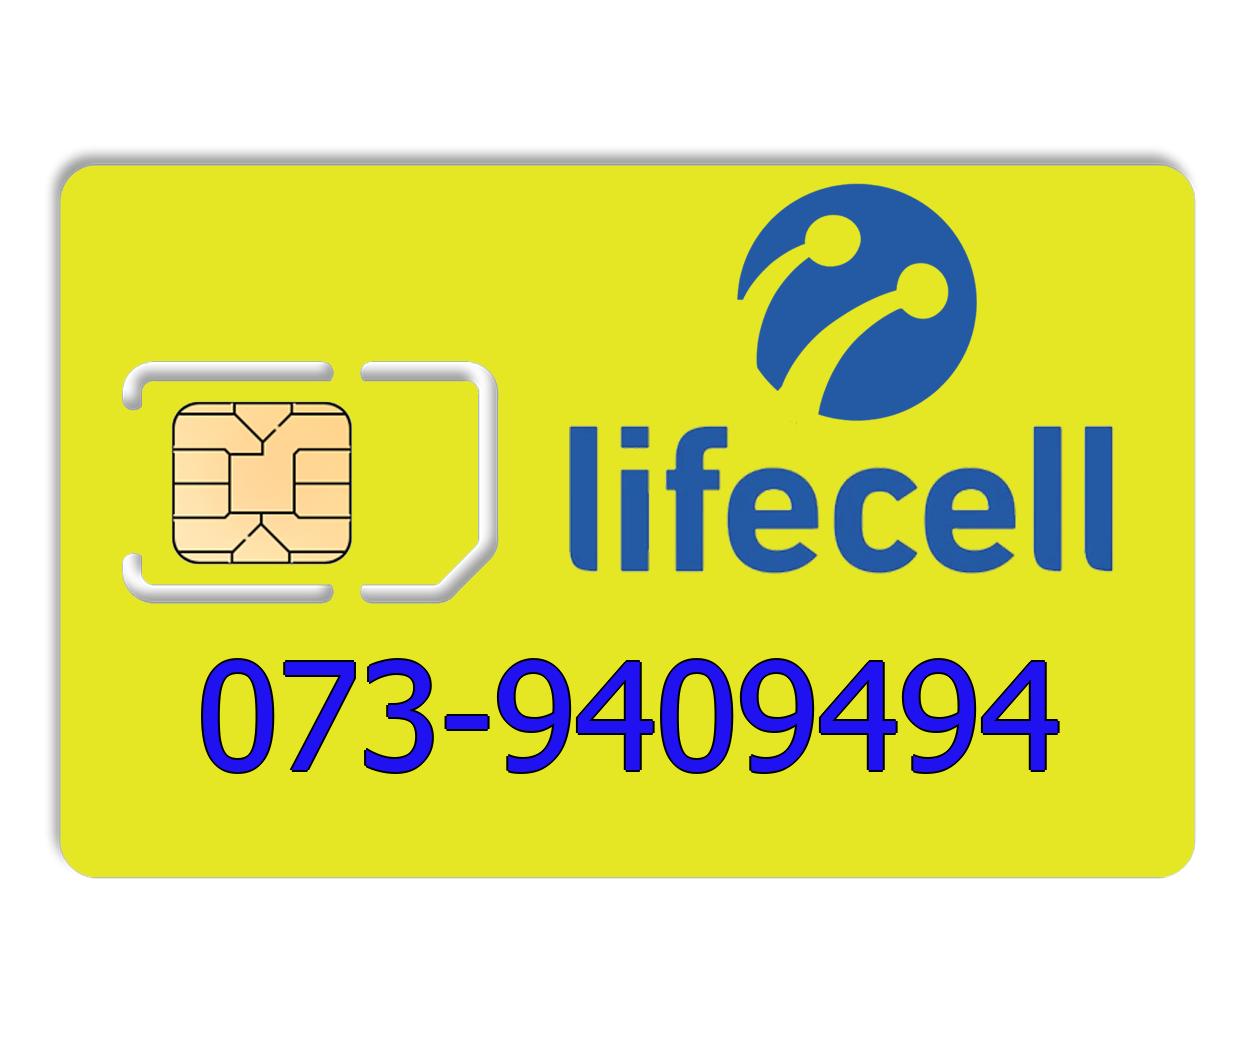 Красивый номер lifecell 073-9409494